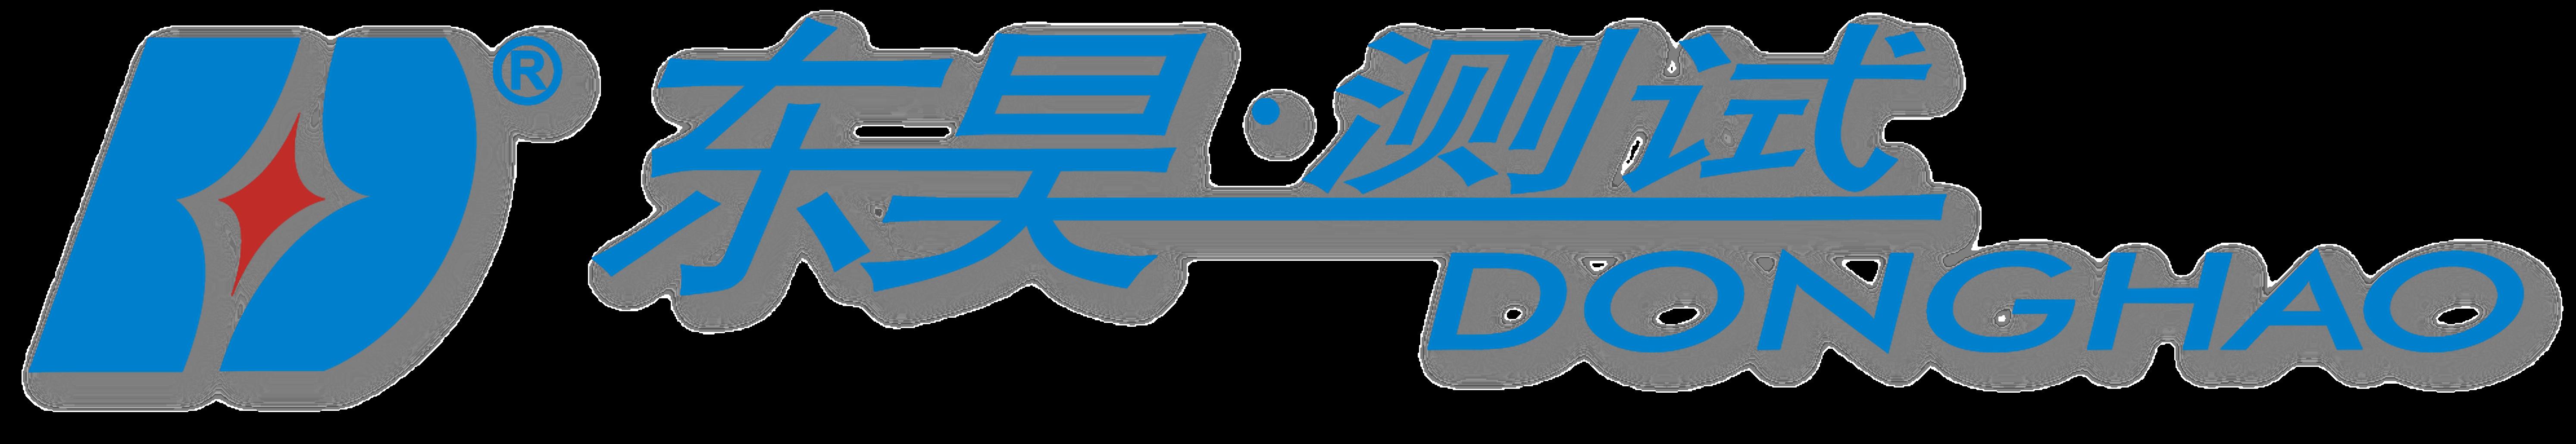 東昊logo立體